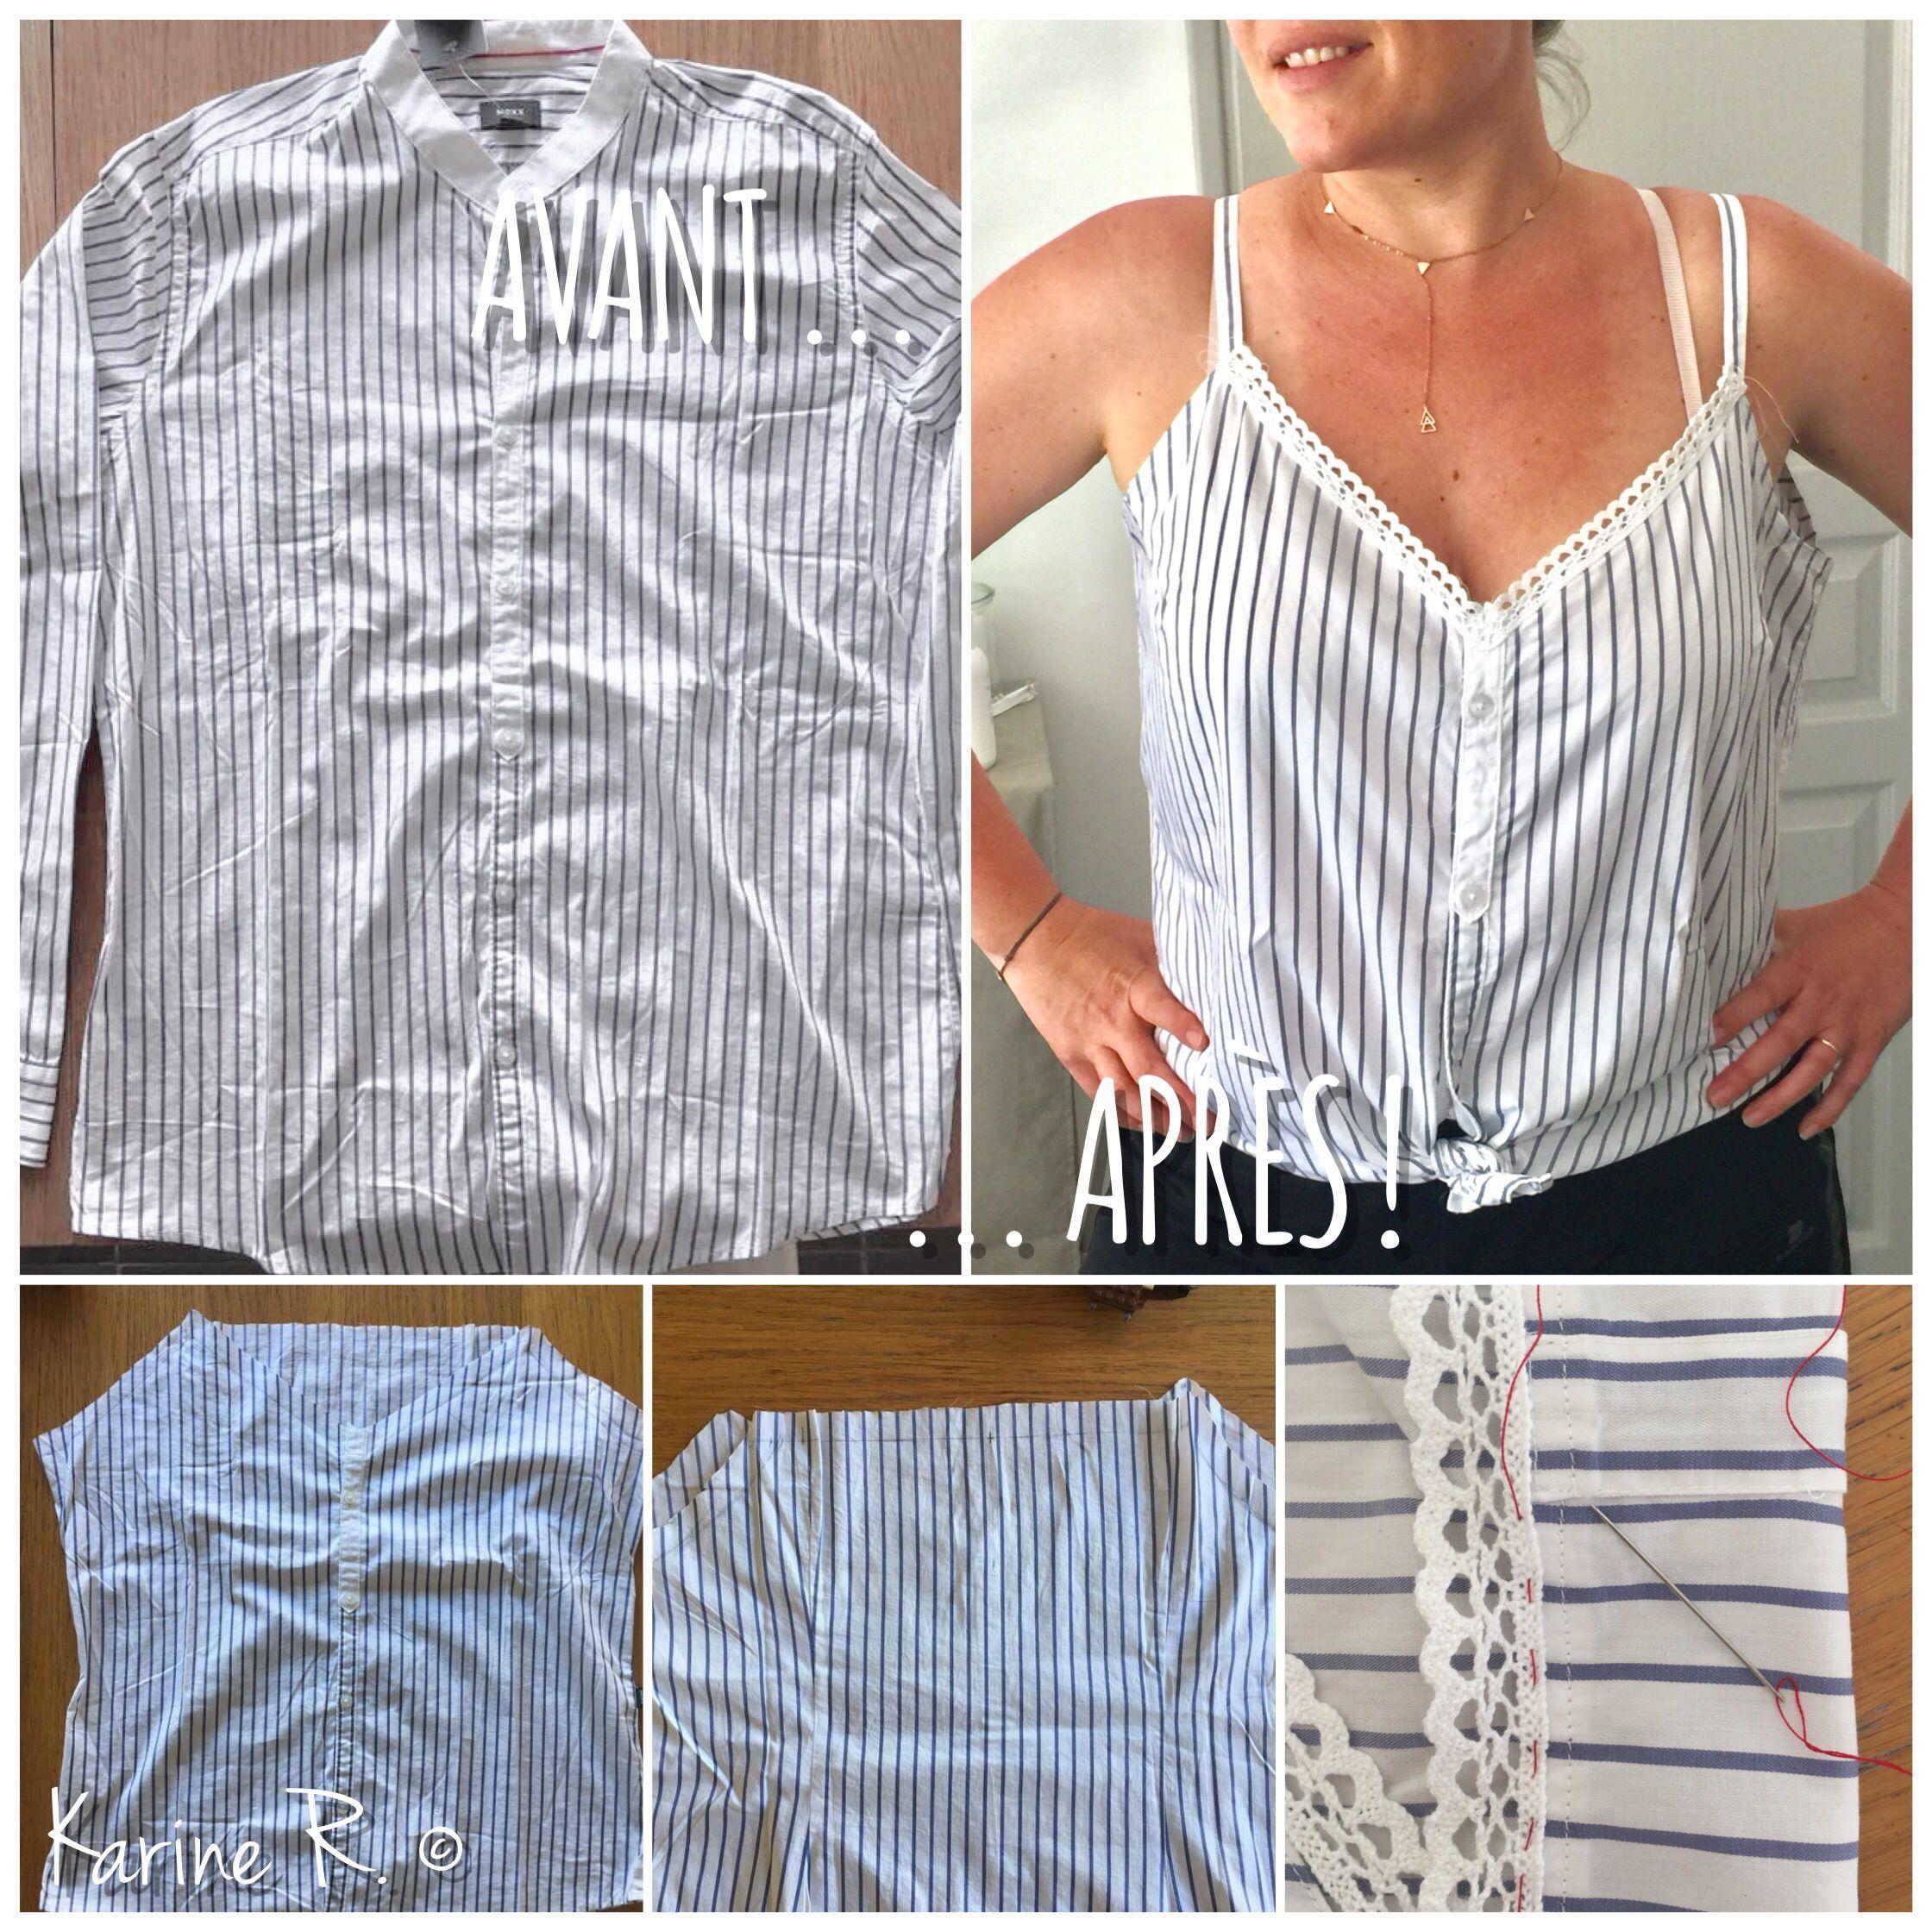 df2bd7421 Transformer une chemise Homme en débardeur Femme ( par Karine R ...